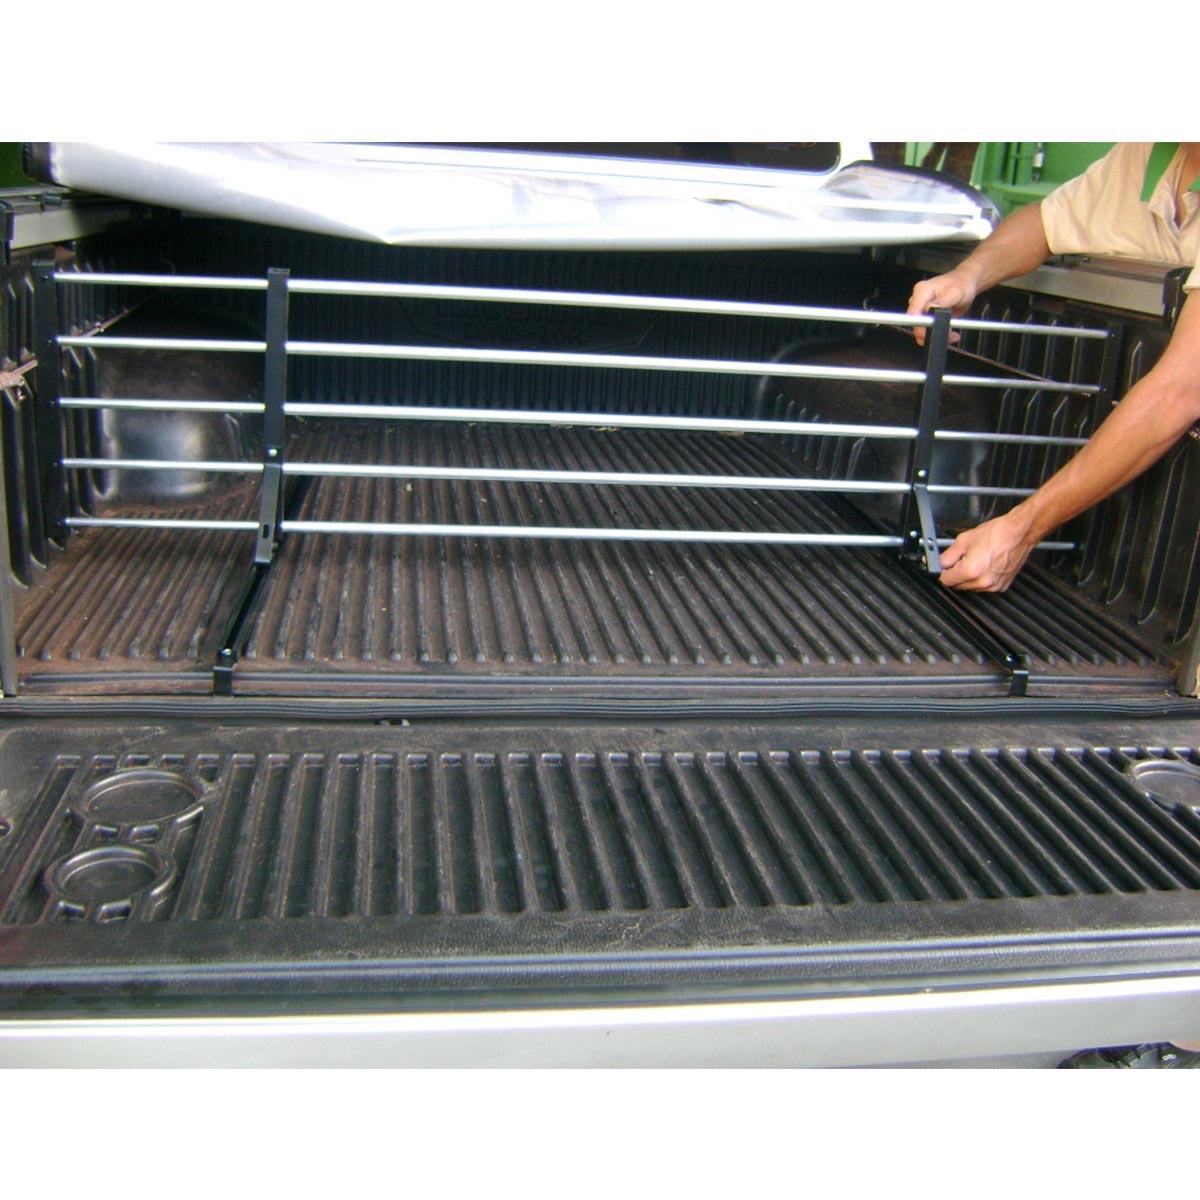 Divisor separador de cargas ca�amba L200 Sport 2004 a 2007 ou L200 Outdoor 2007 a 2012